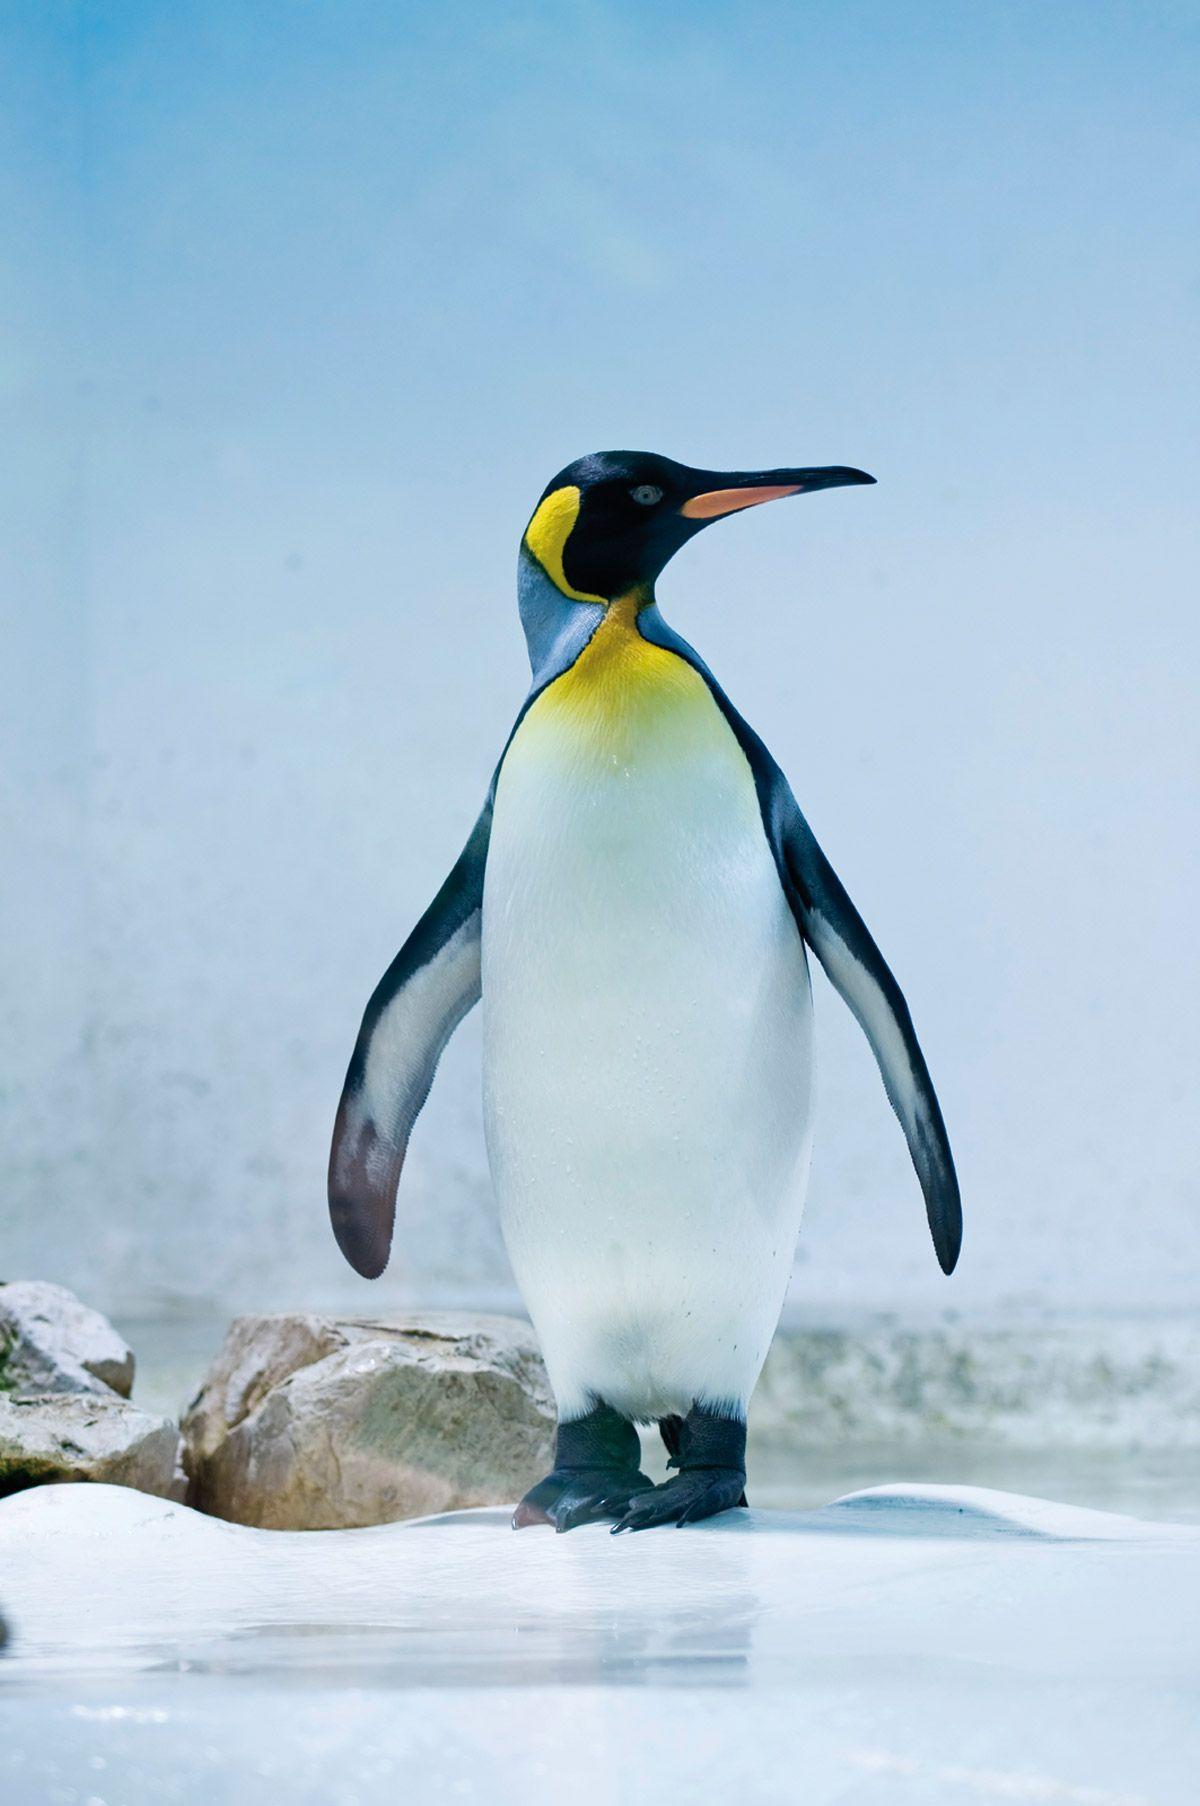 pinguin - Google zoeken | bird | Pinterest | Penguins, Animal and Bird